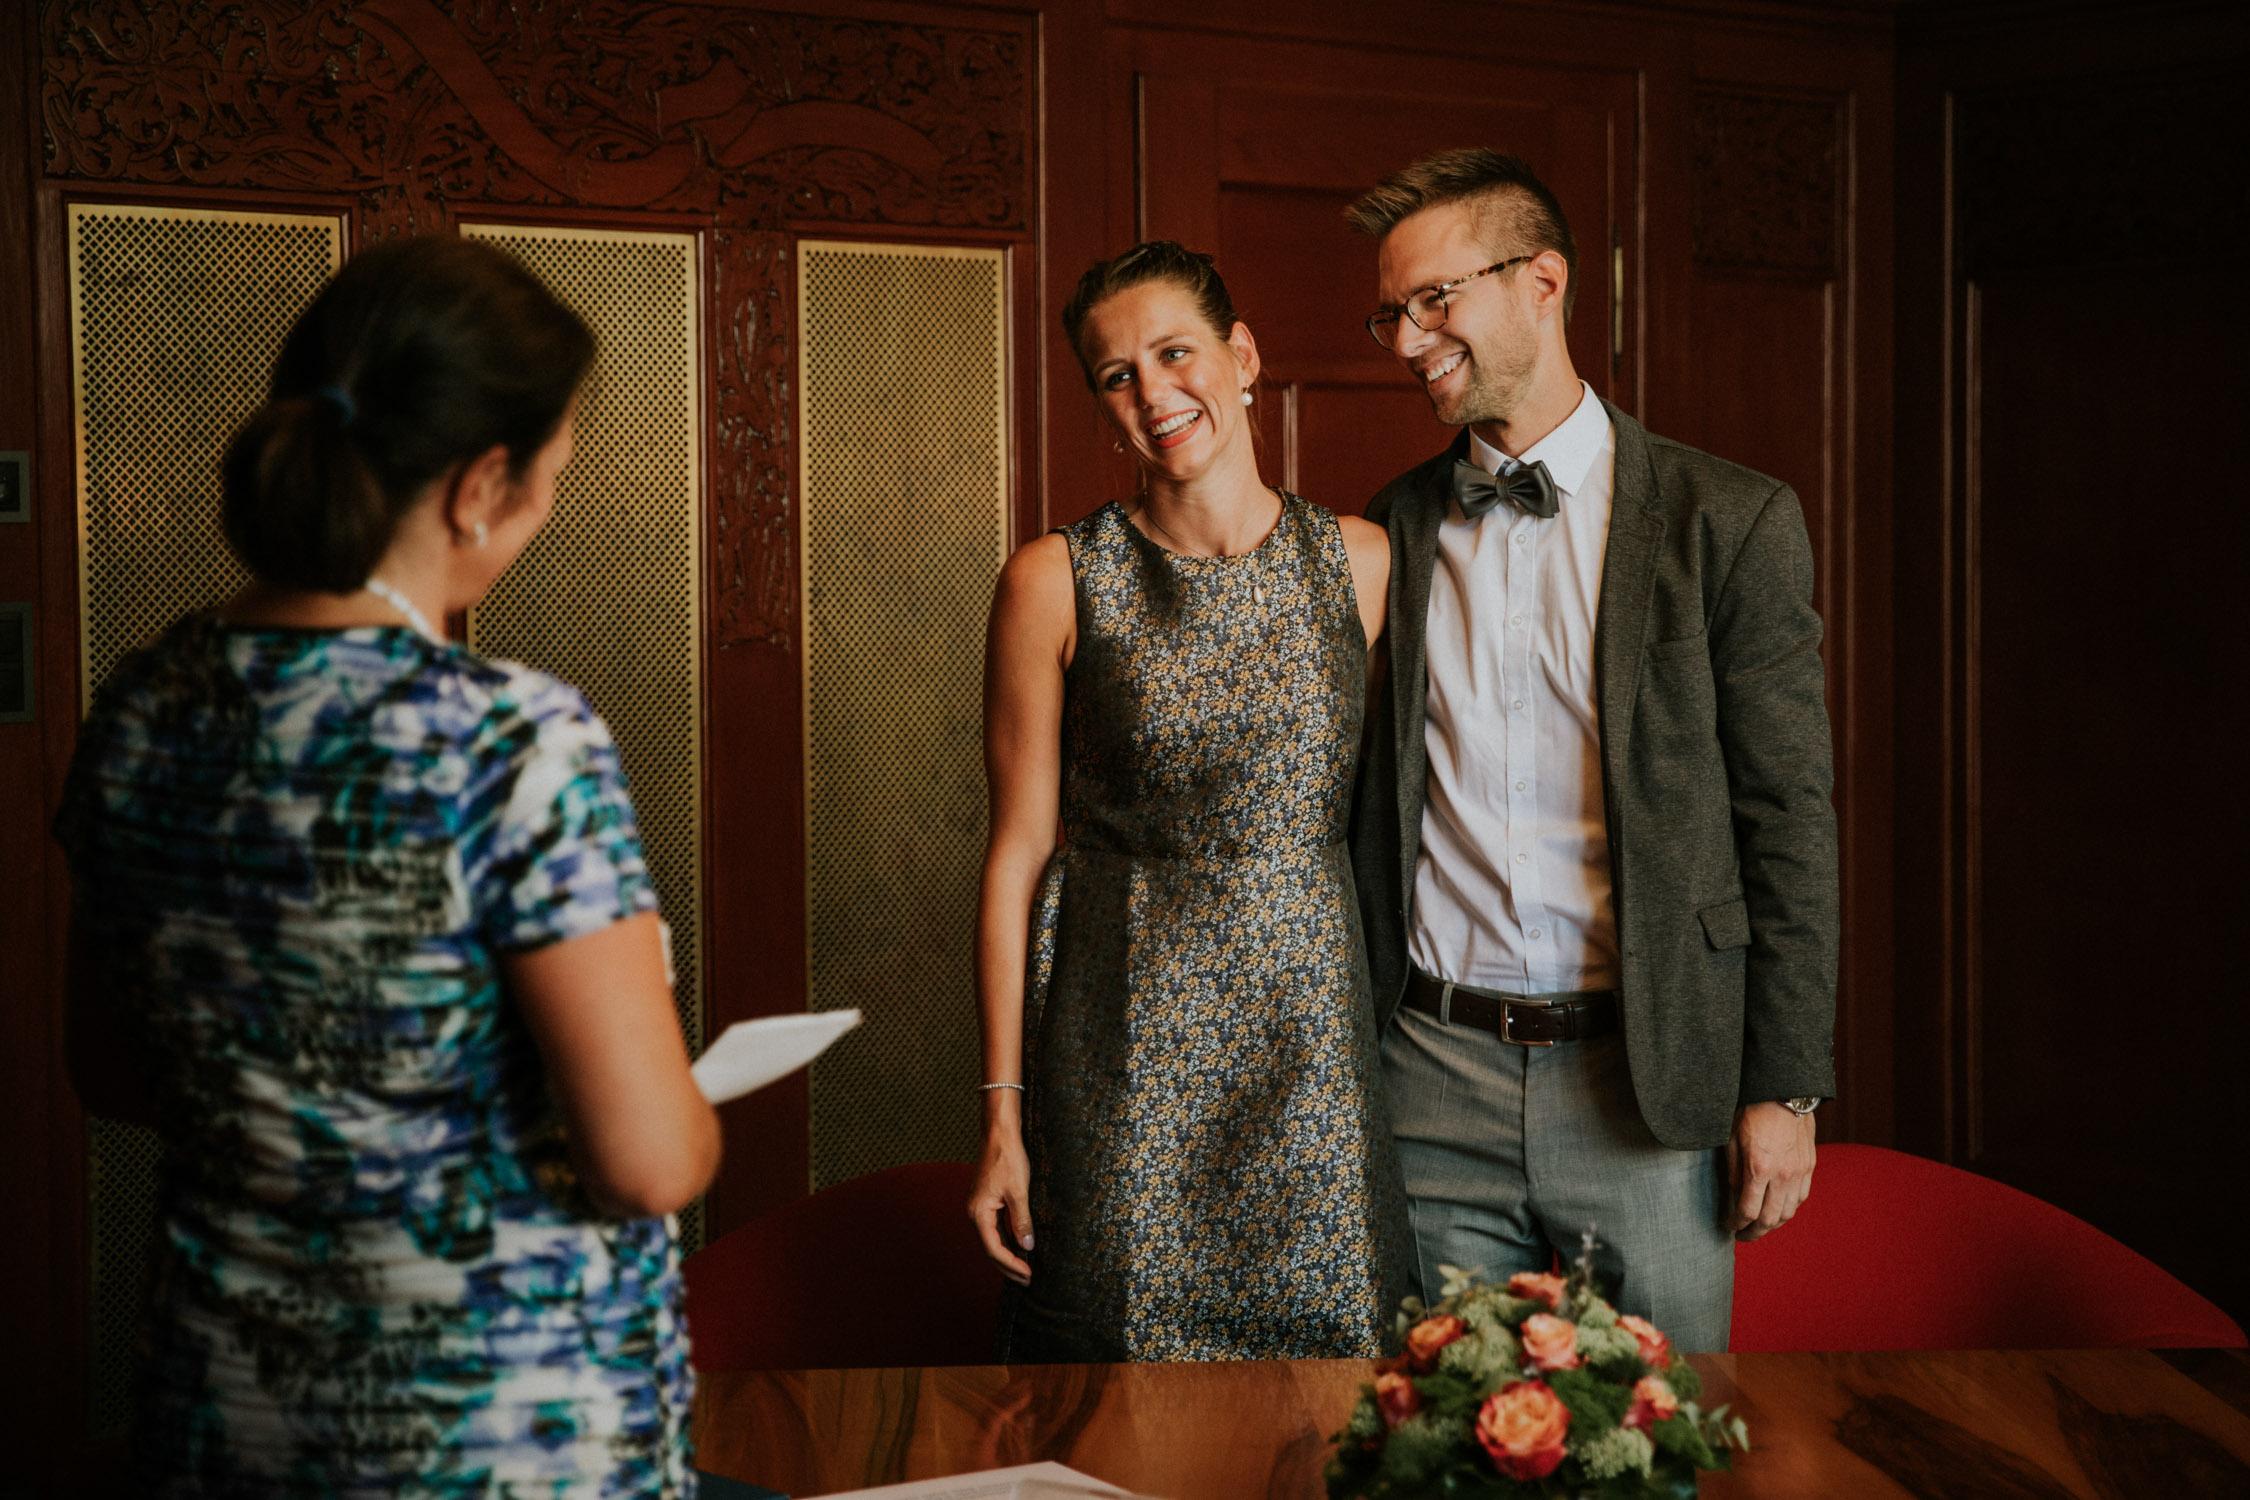 Zivile Trauung fotografiert von einer Hochzeitsfotografin im Standesamt Zürich